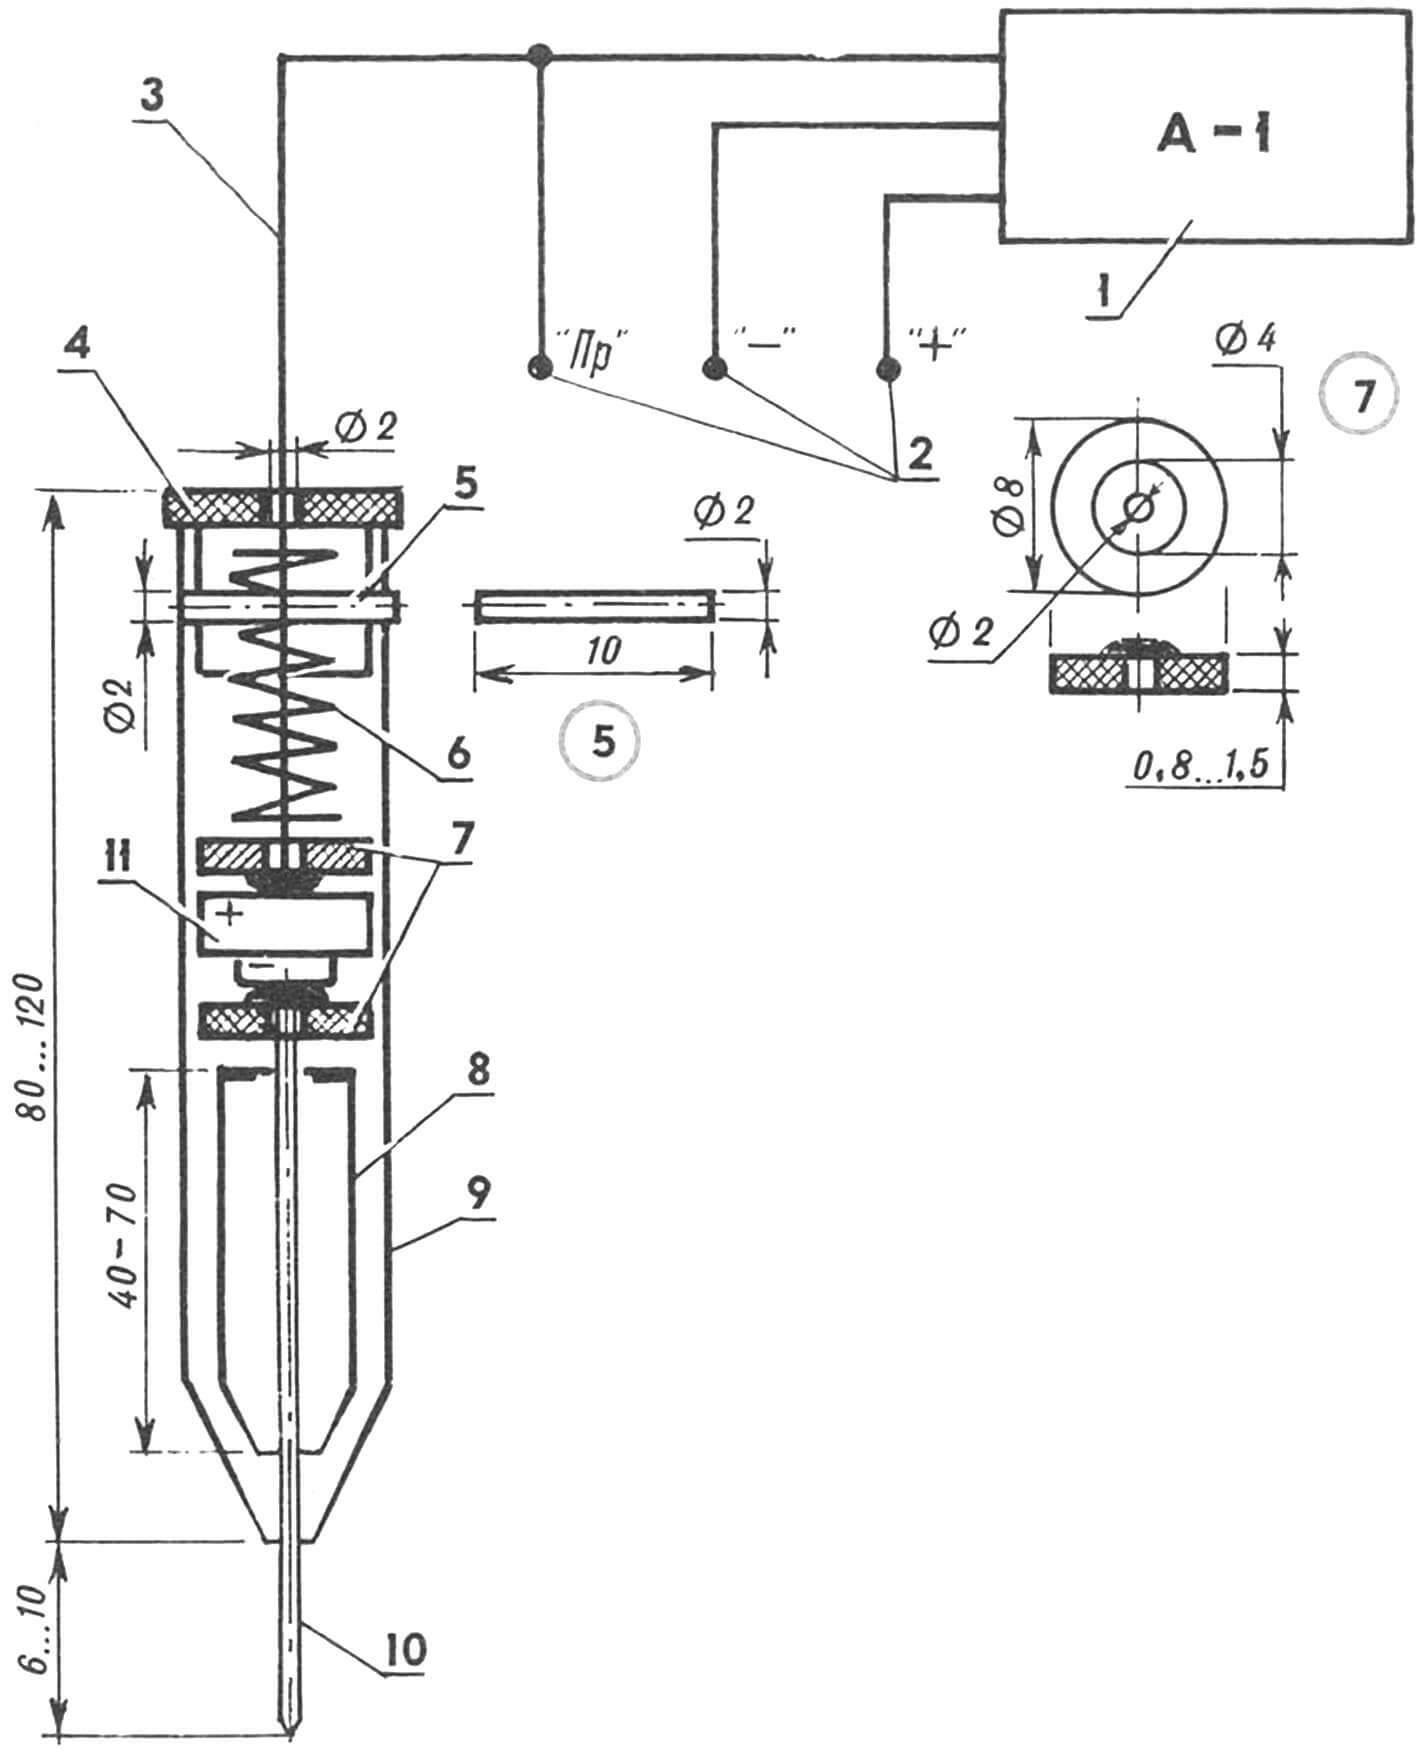 Устройство дополнительного щупа со схемой его подключения к А-1